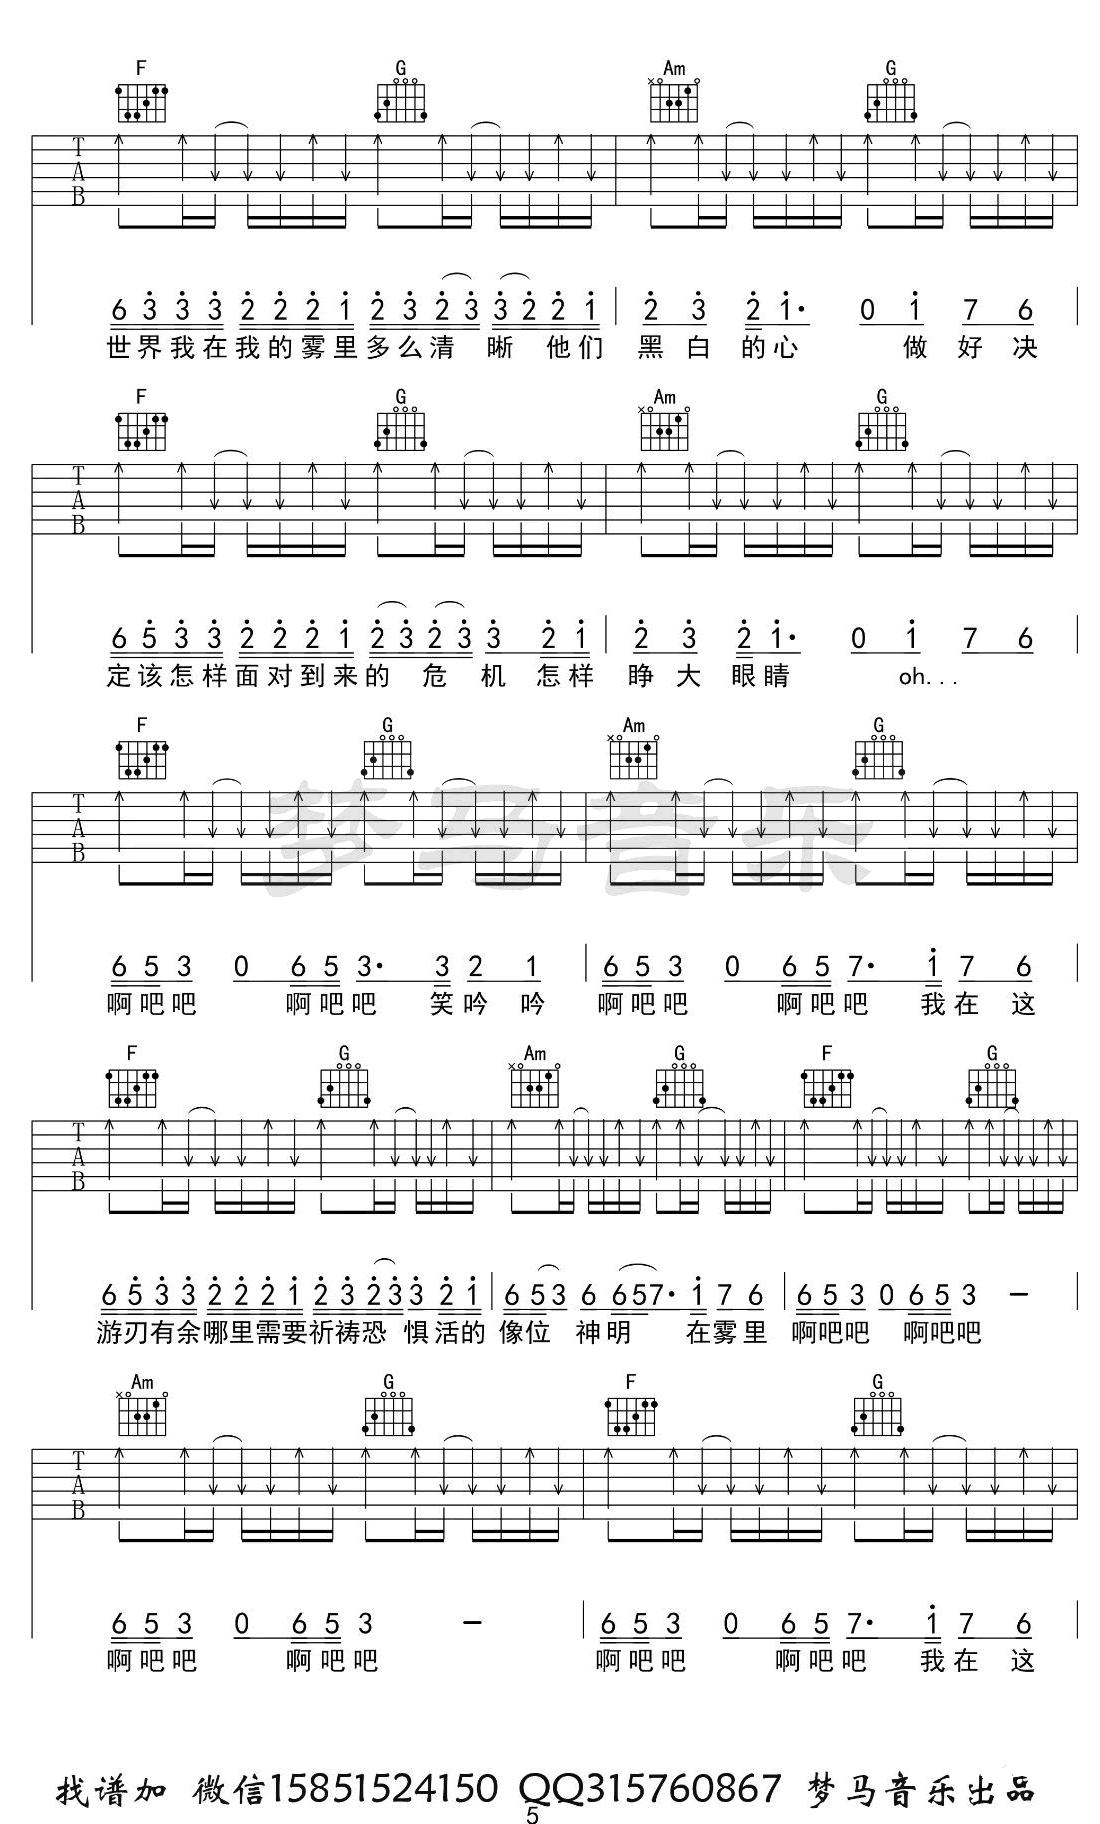 雾里吉他谱-姚六一弹唱六线谱-5